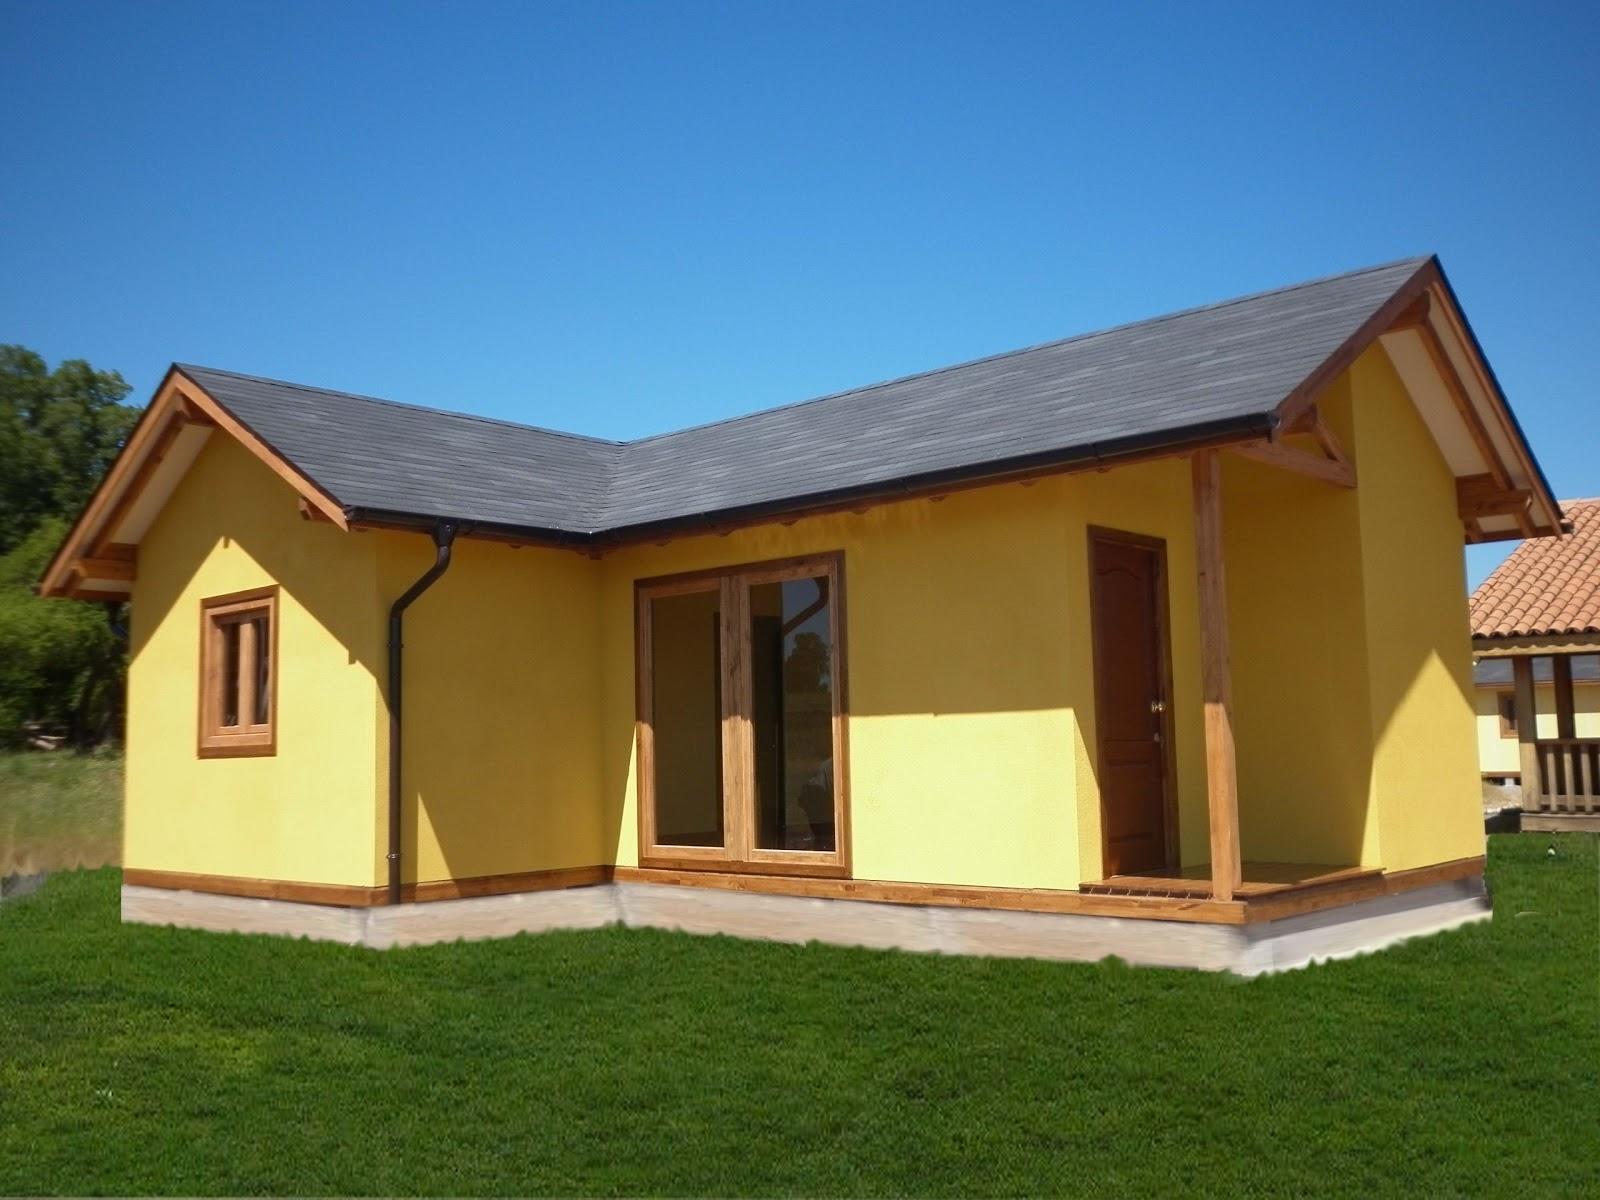 Cortelima casas con estilo y totalmente terminadas - Casas con estilo ...